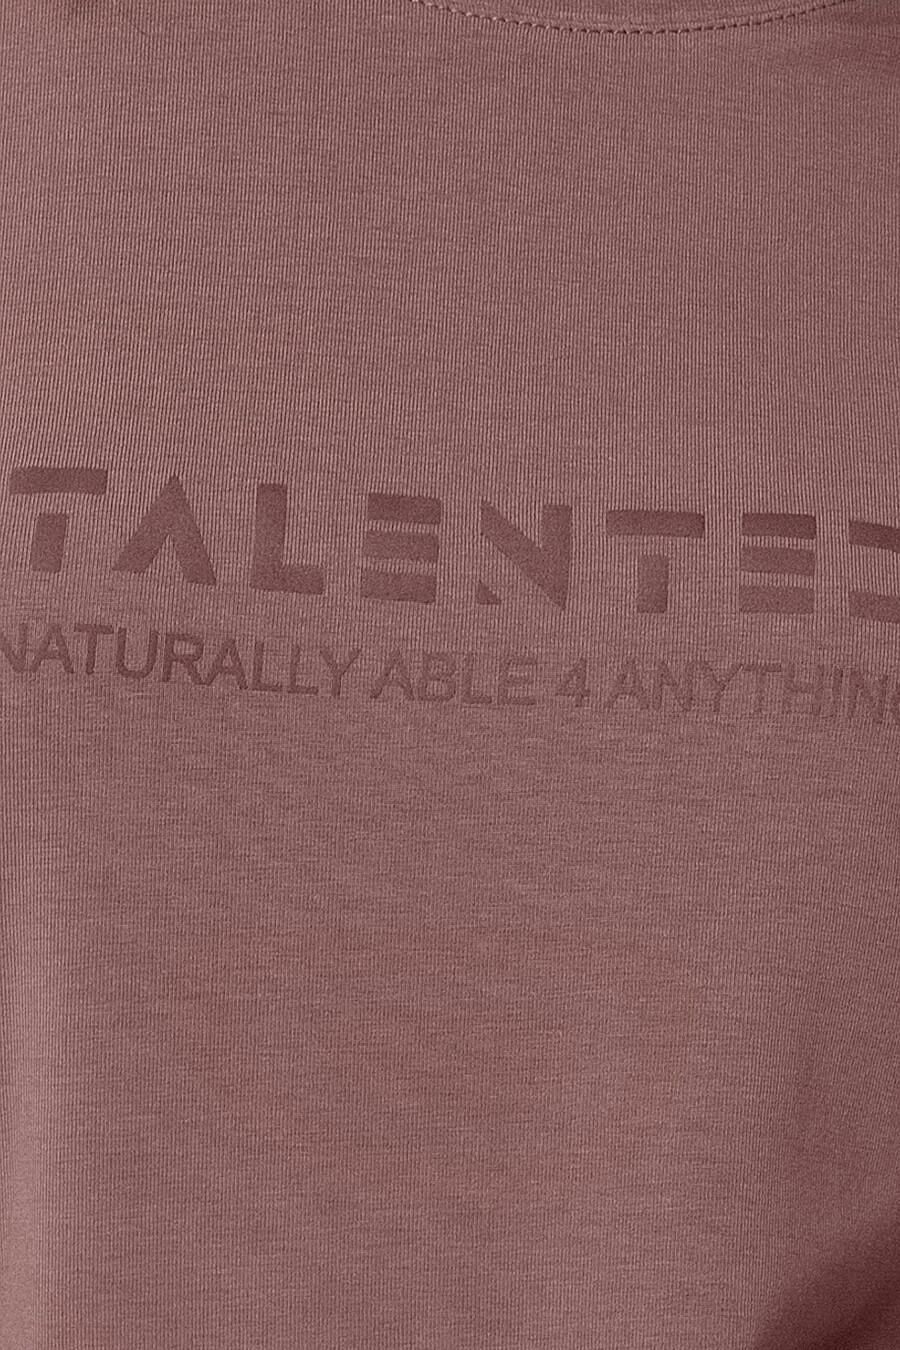 Футболка для женщин VILATTE 668630 купить оптом от производителя. Совместная покупка женской одежды в OptMoyo